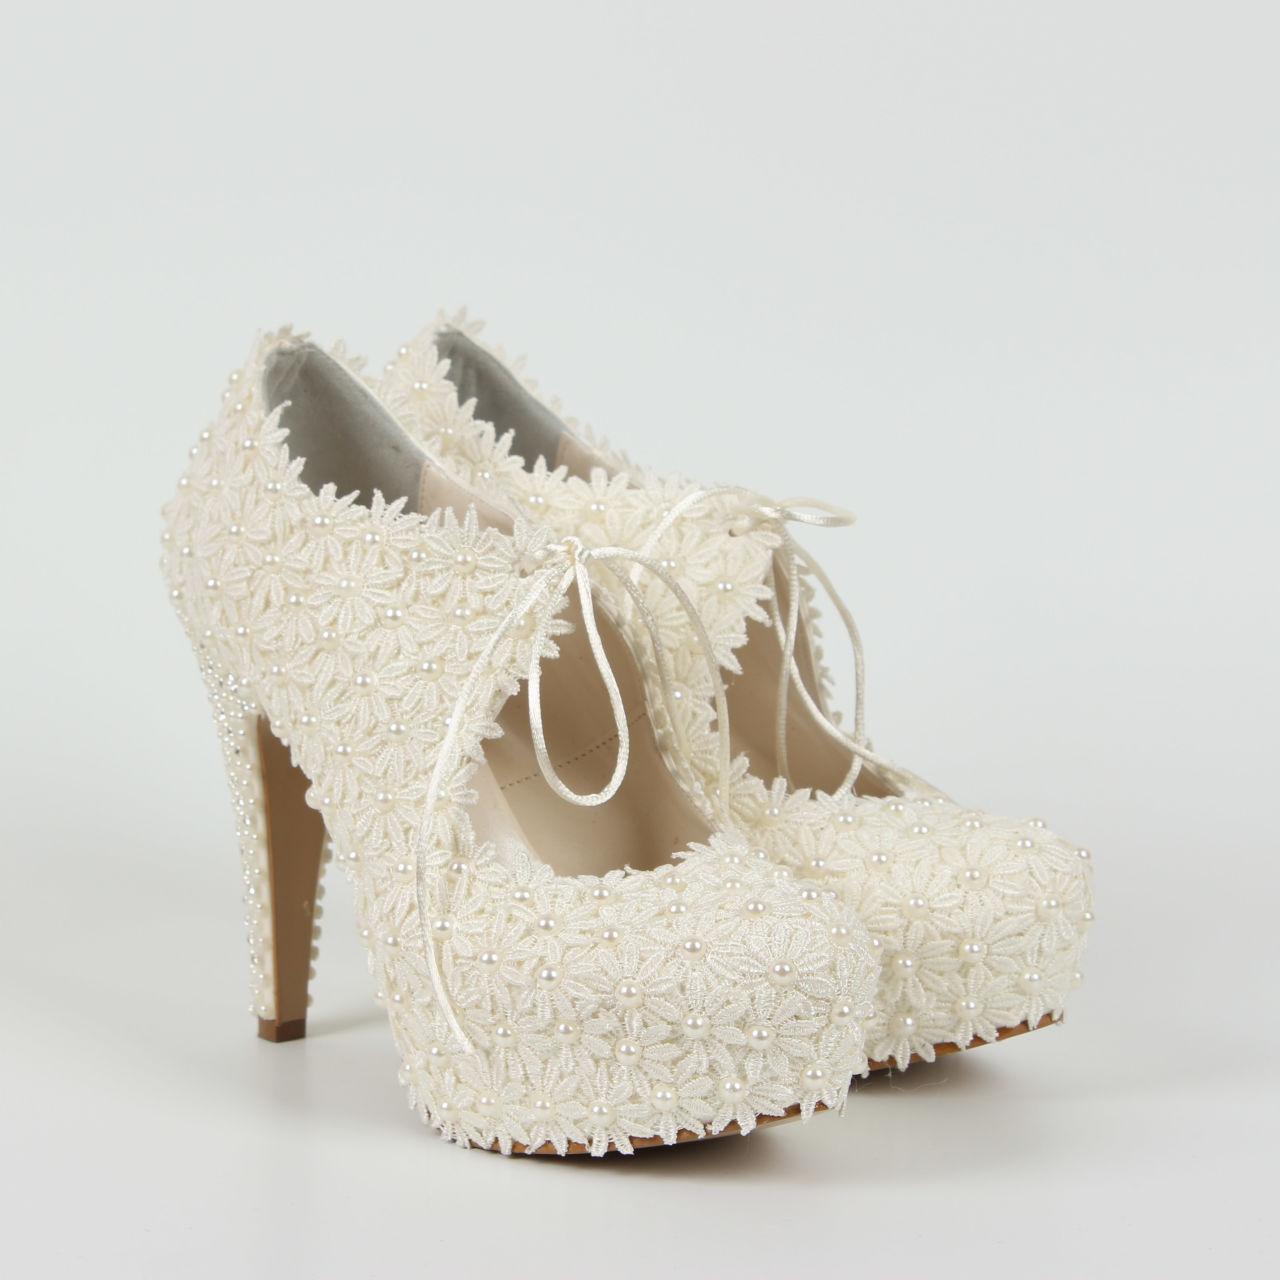 Gelin Ayakkabısı - Gelinler İçin Aksesuar Seçiminin Önemi